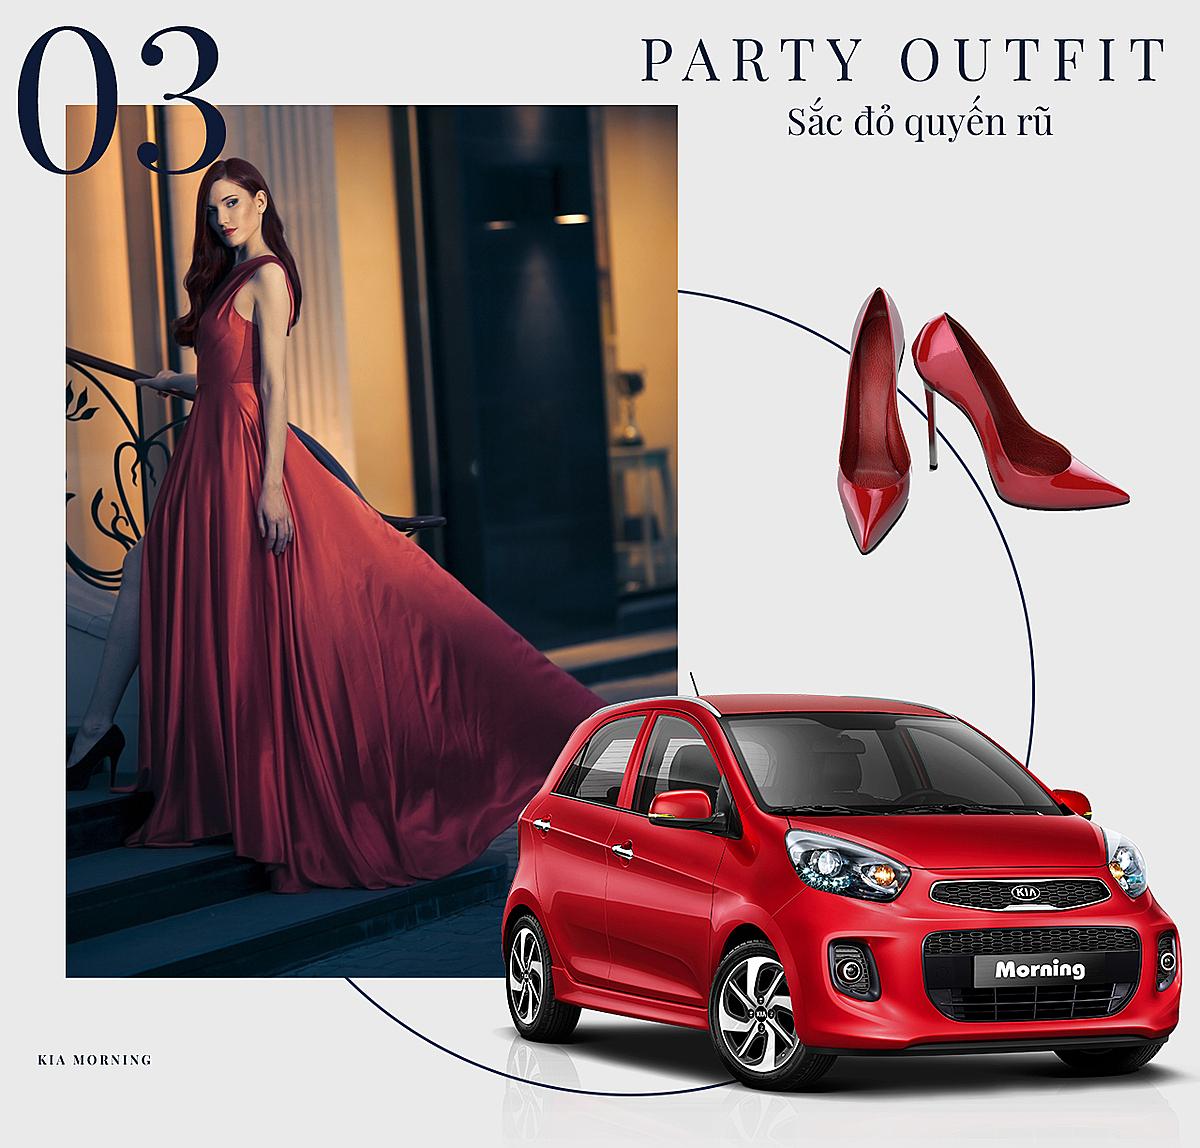 Trang phục và xe màu đỏ được nhiều cô nàng có tính cách mạnh mẽ lựa chọn.